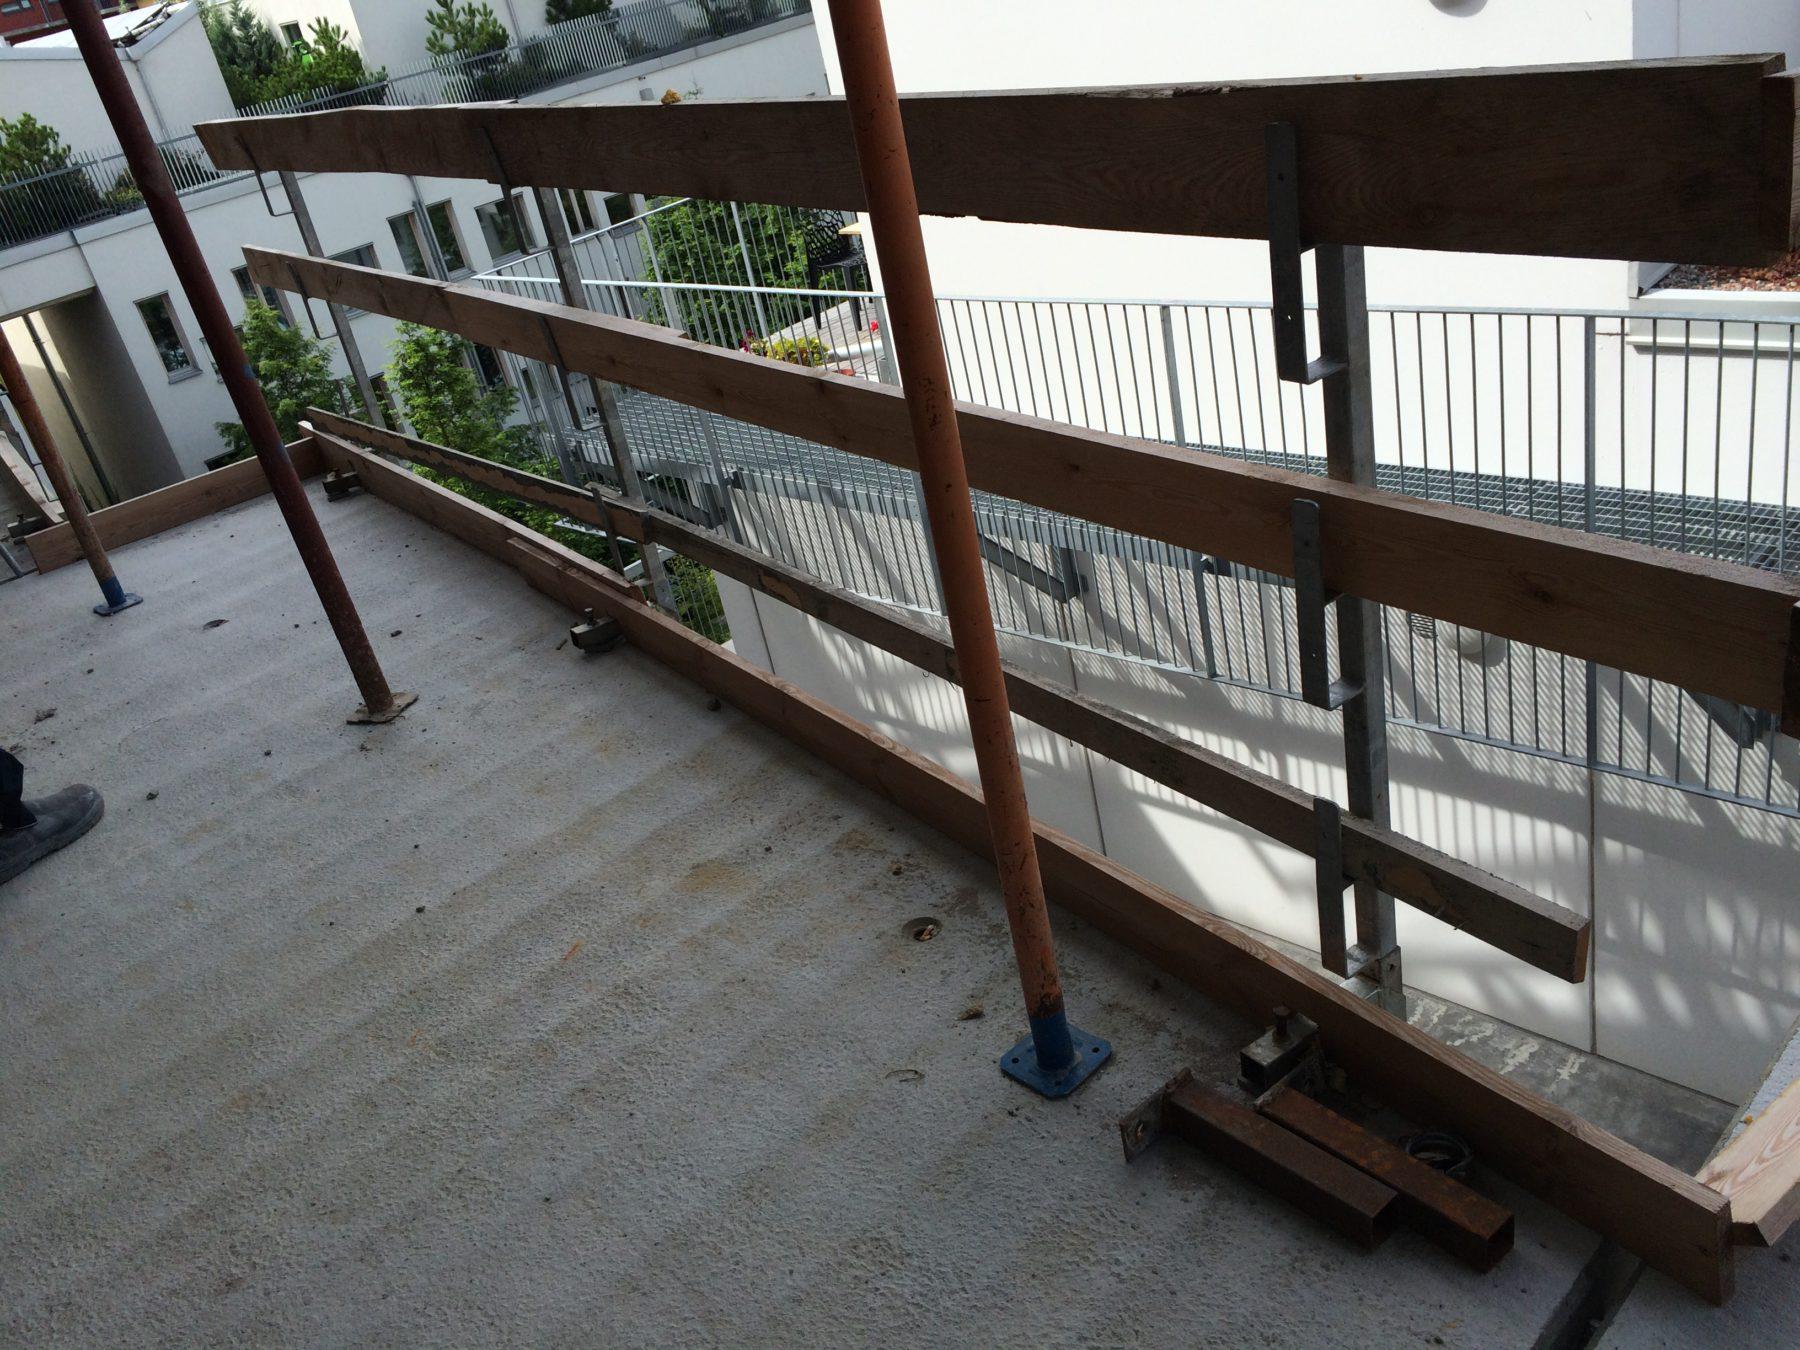 Cykelparkering på loftgången